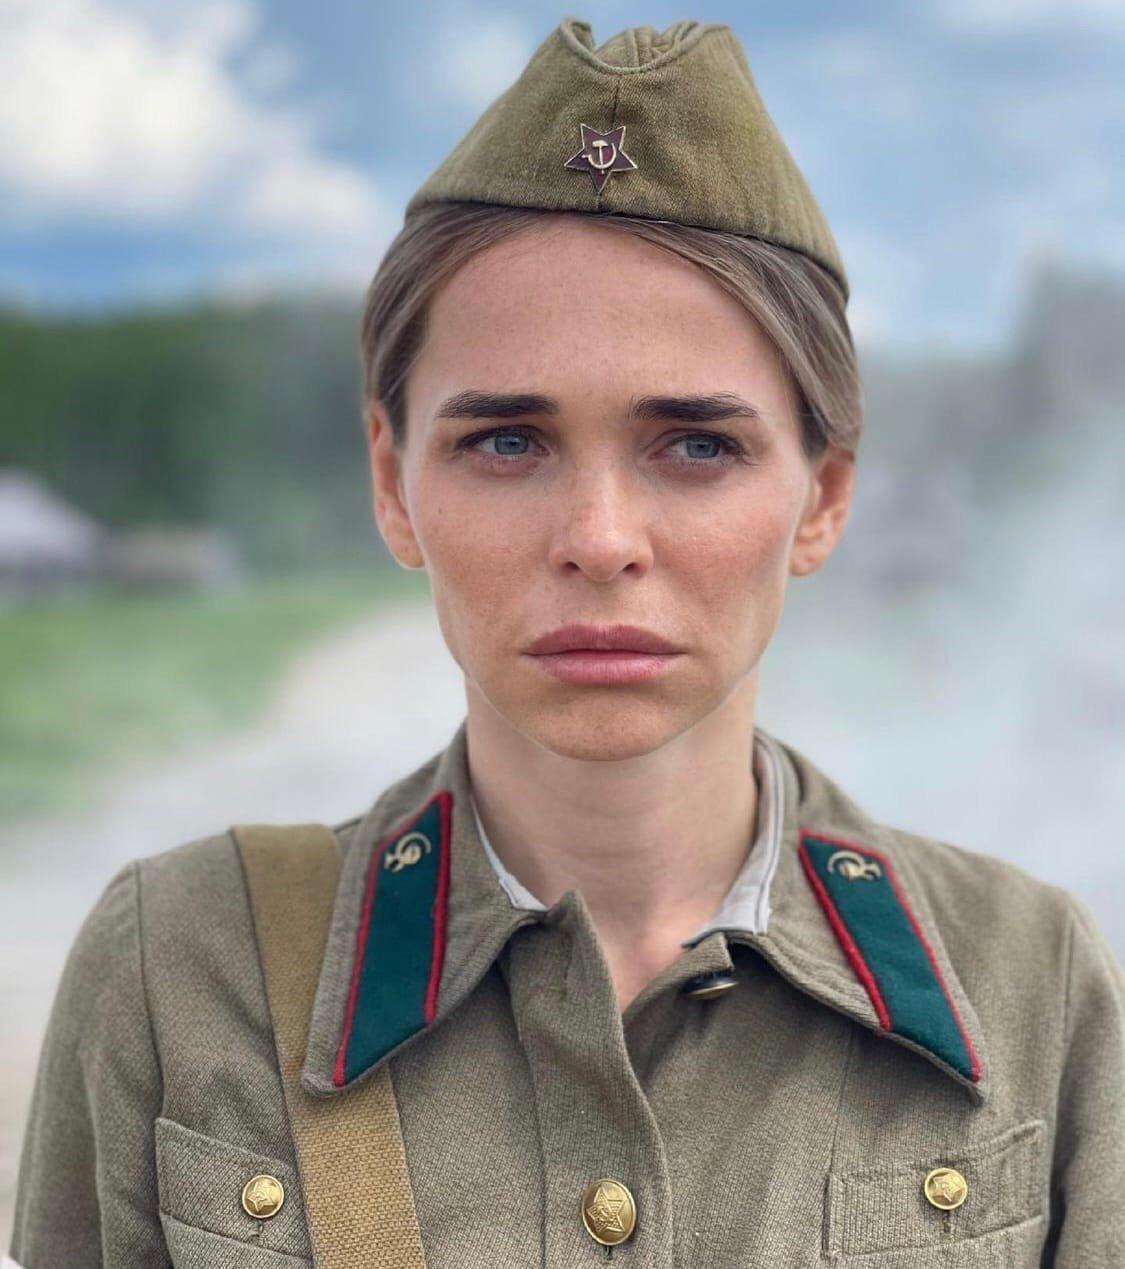 Анна Хилькевич пожаловалась на критику в сети